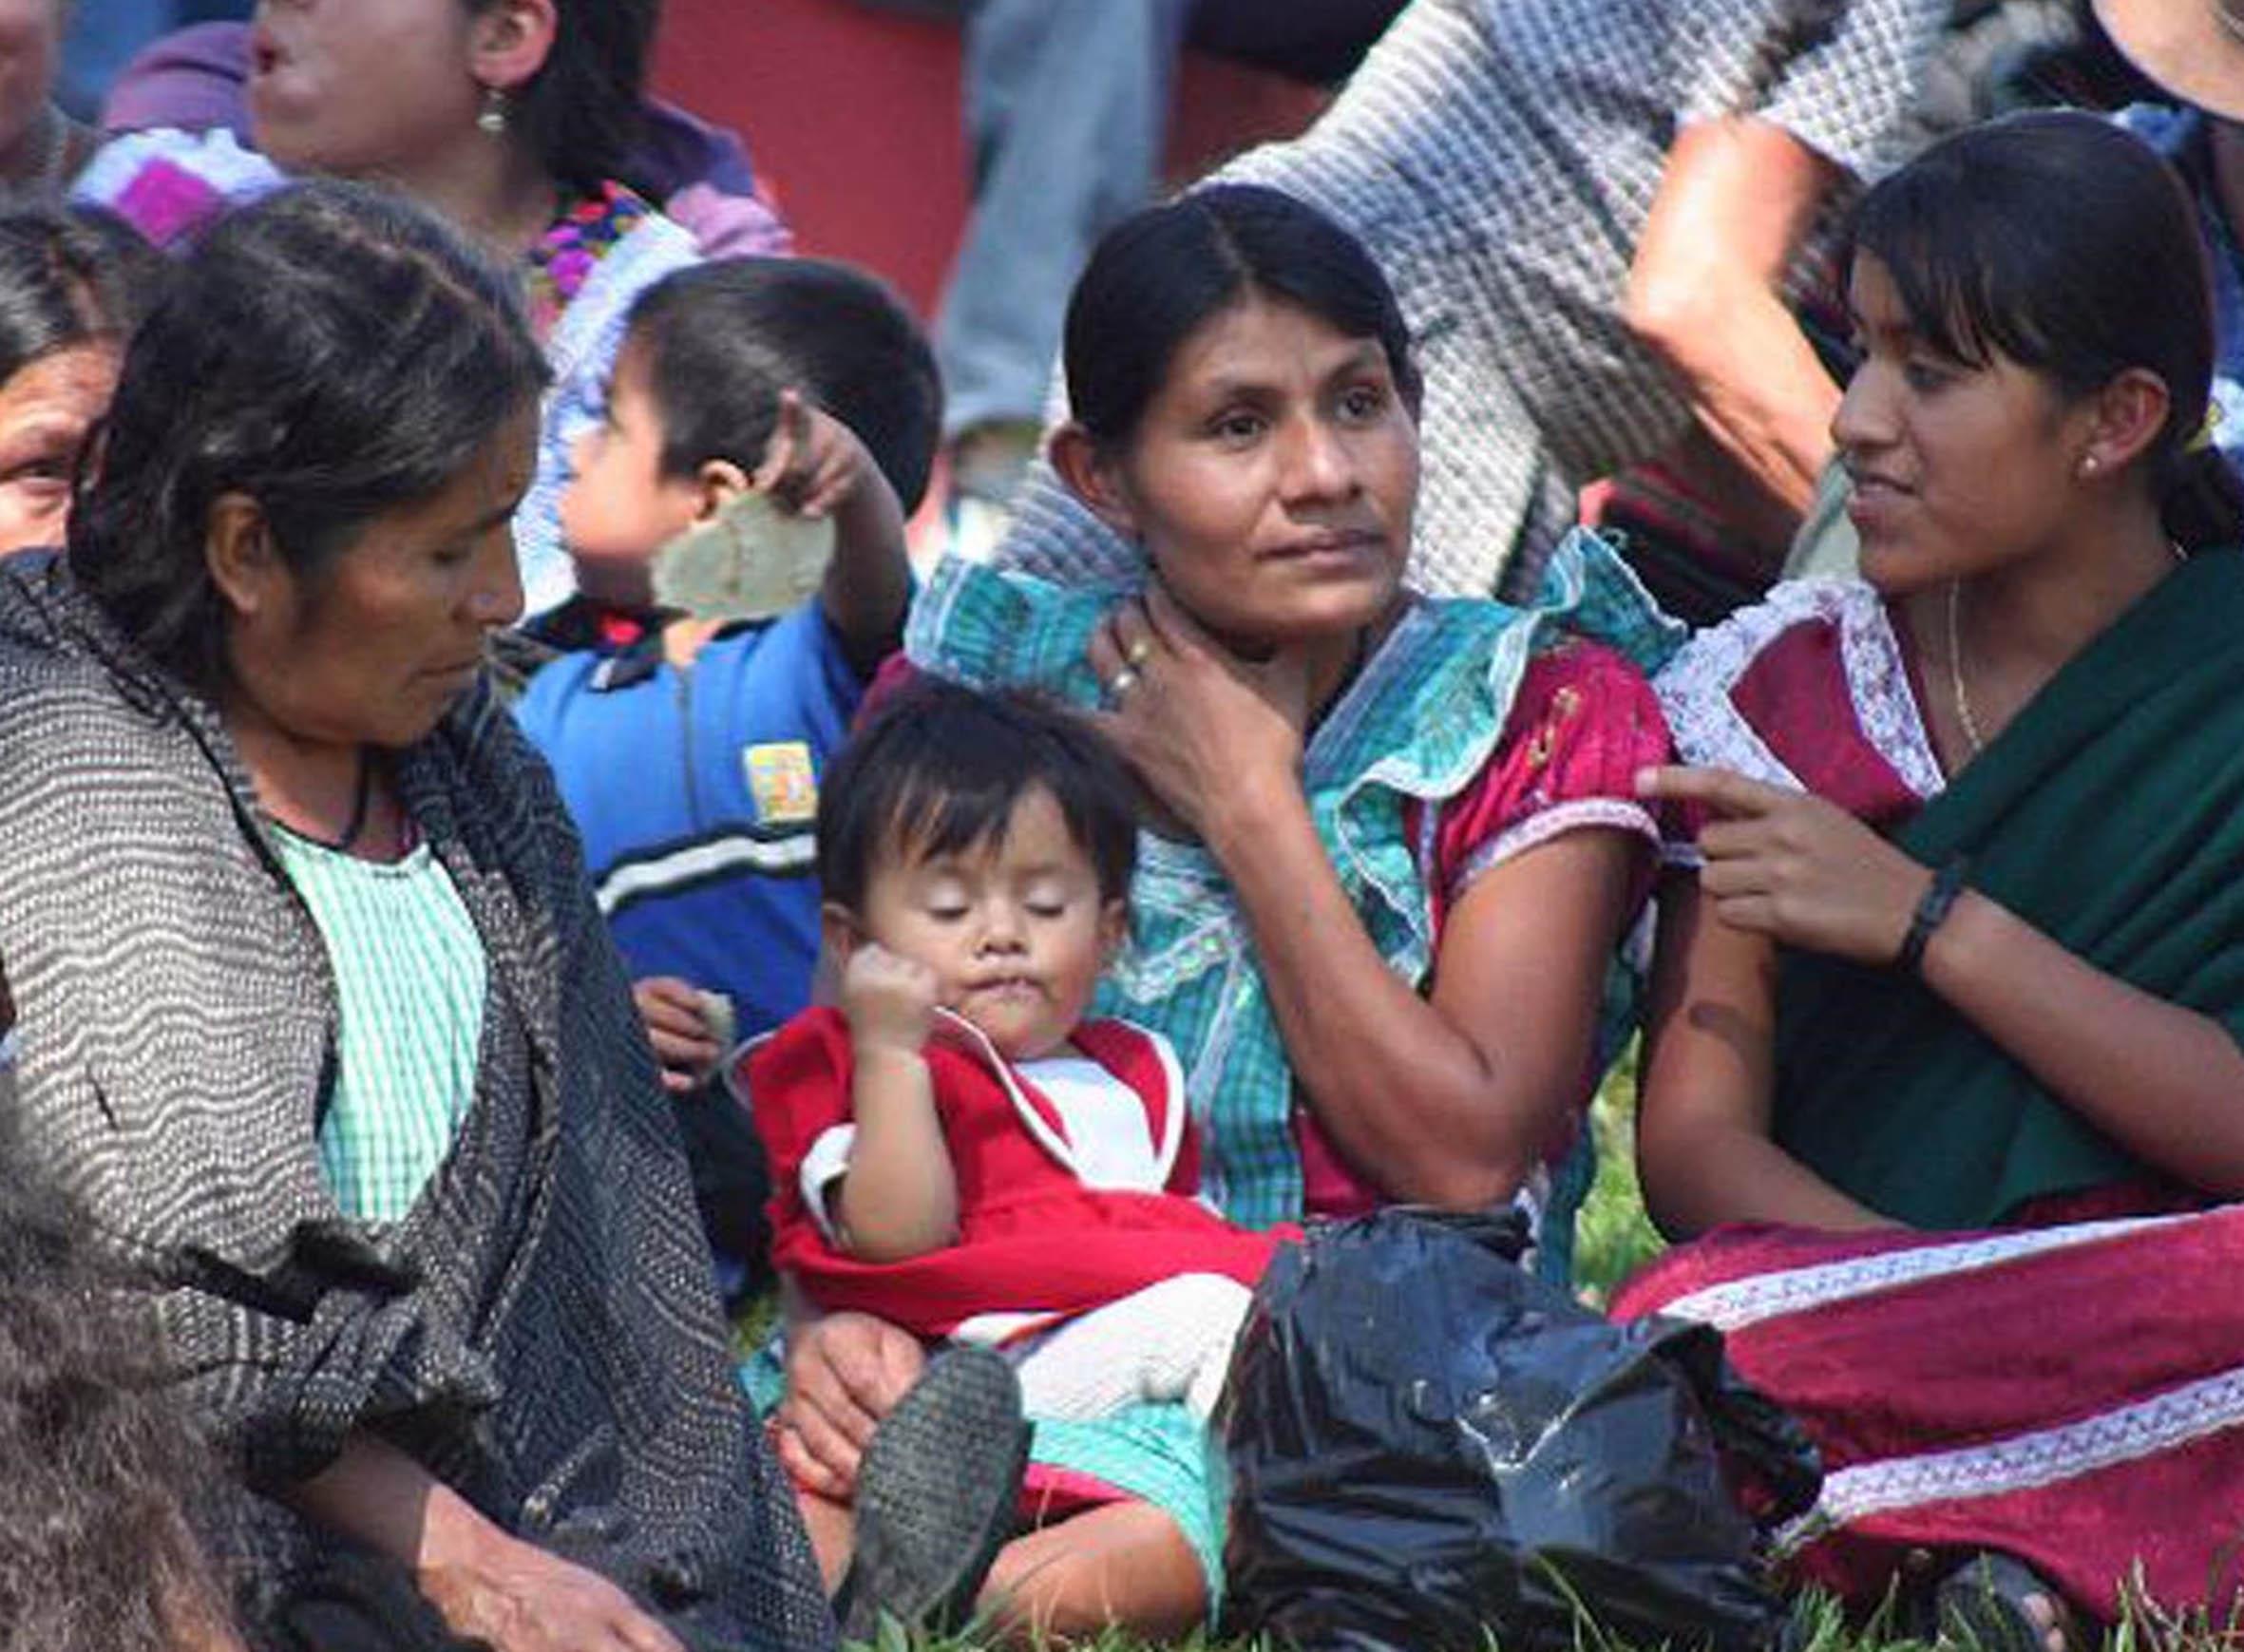 El 32% DE LOS HOGARES RECEPTORES DE REMESAS EN MÉXICO SON INDÍGENAS